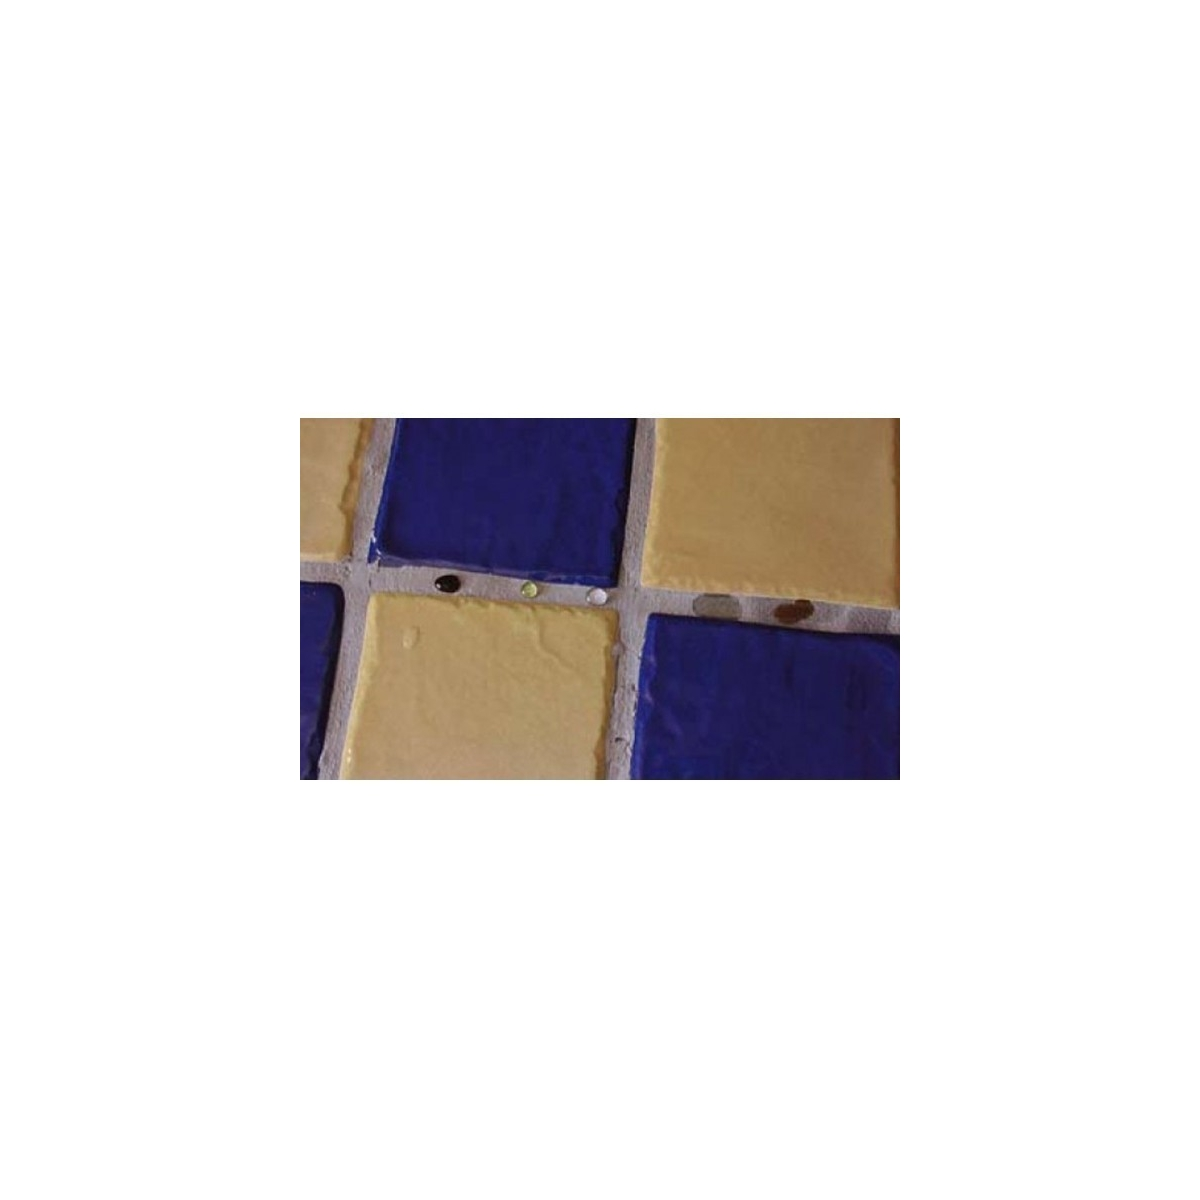 Fugaproof - Protector de juntas - Protección de pavimentos y revestimientos - Marca Fila